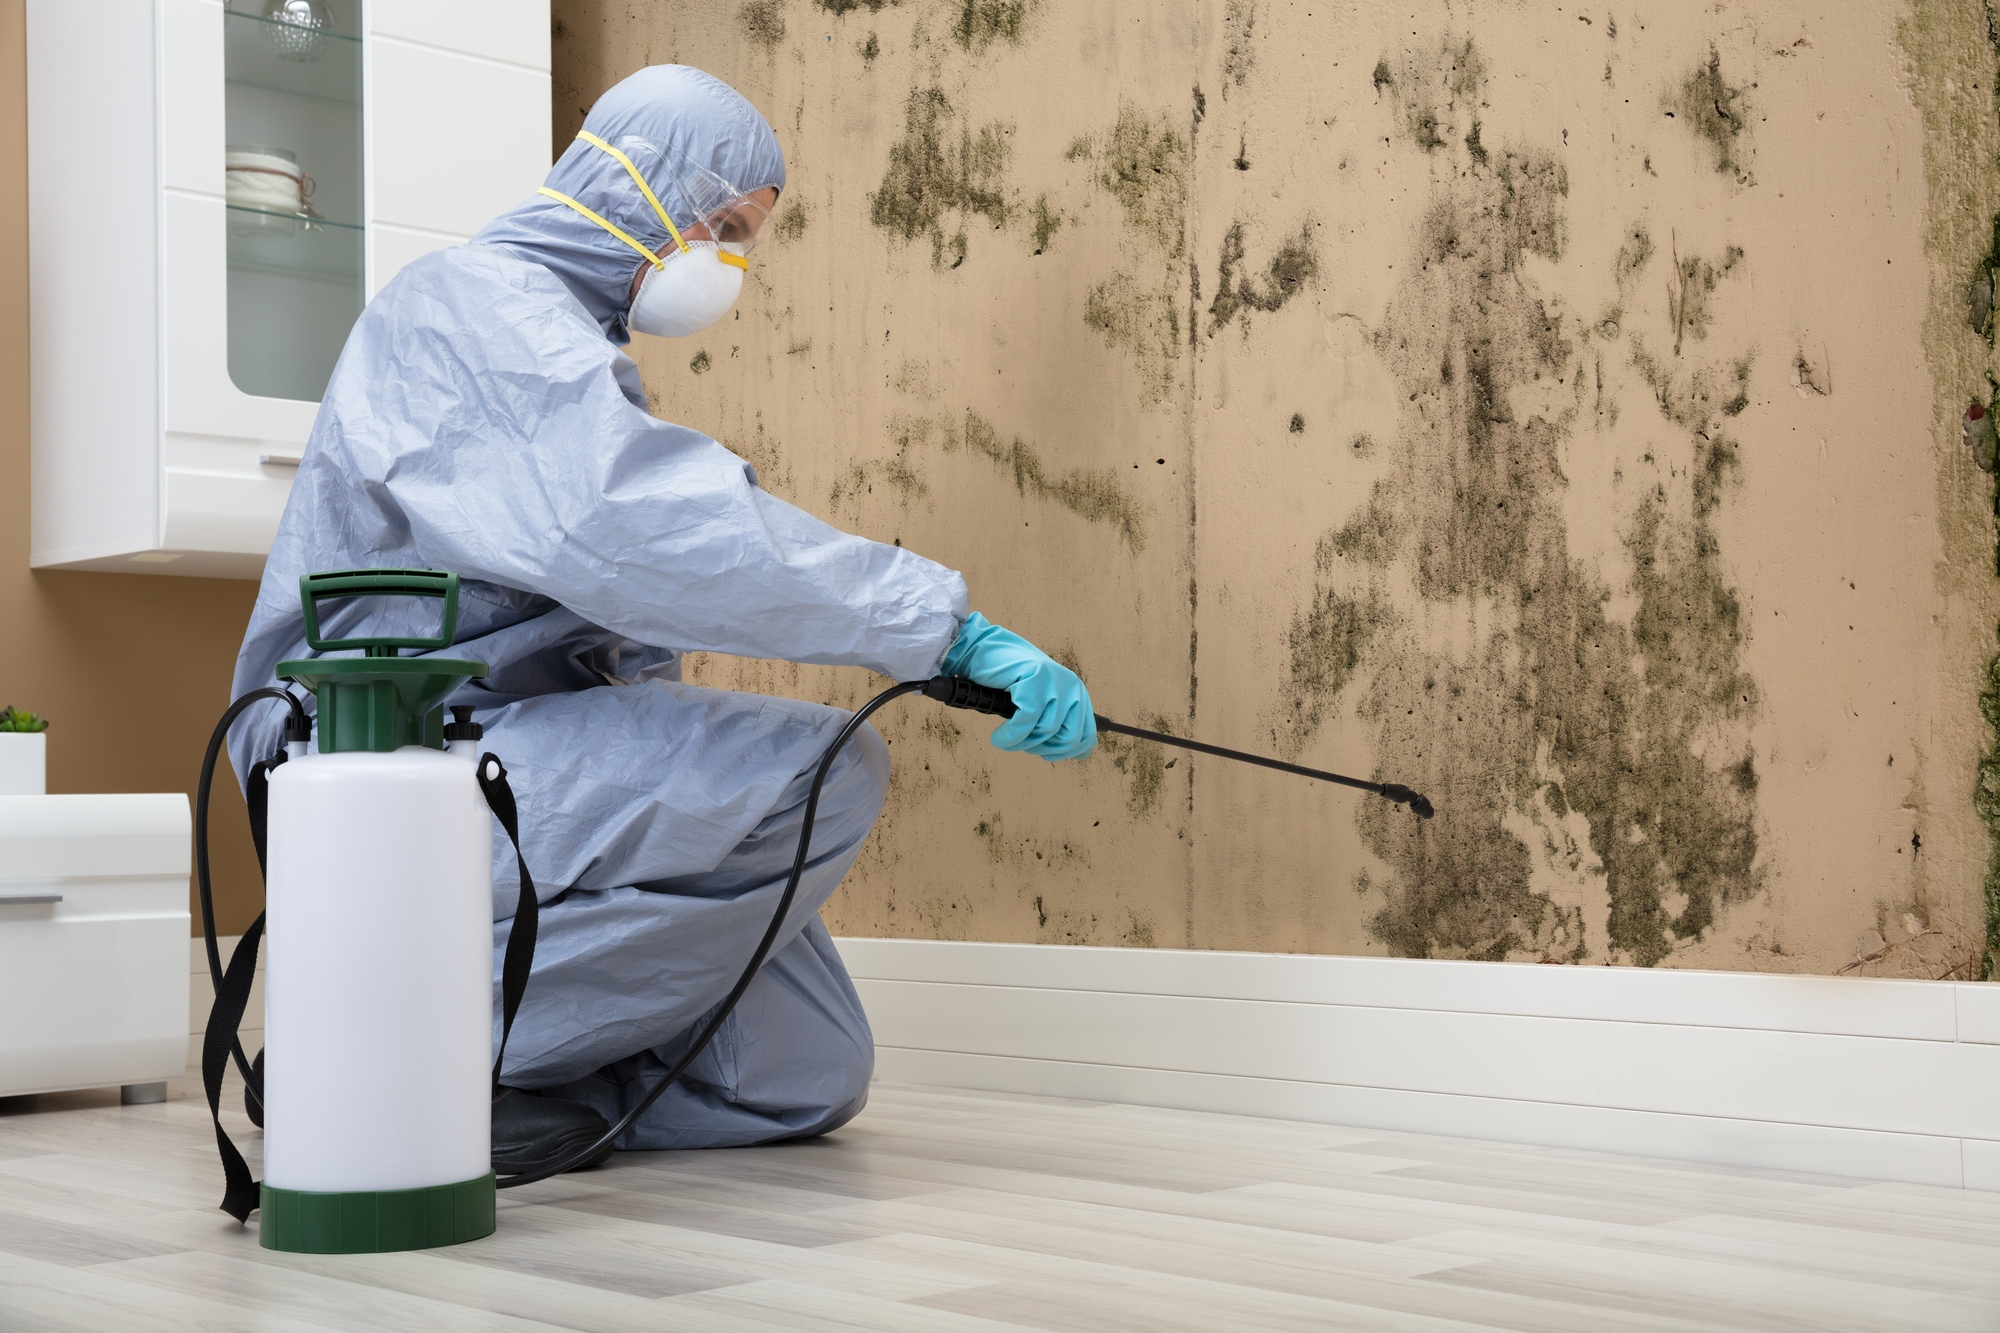 Aplicador de biocidas pulverizando en el interior de una casa